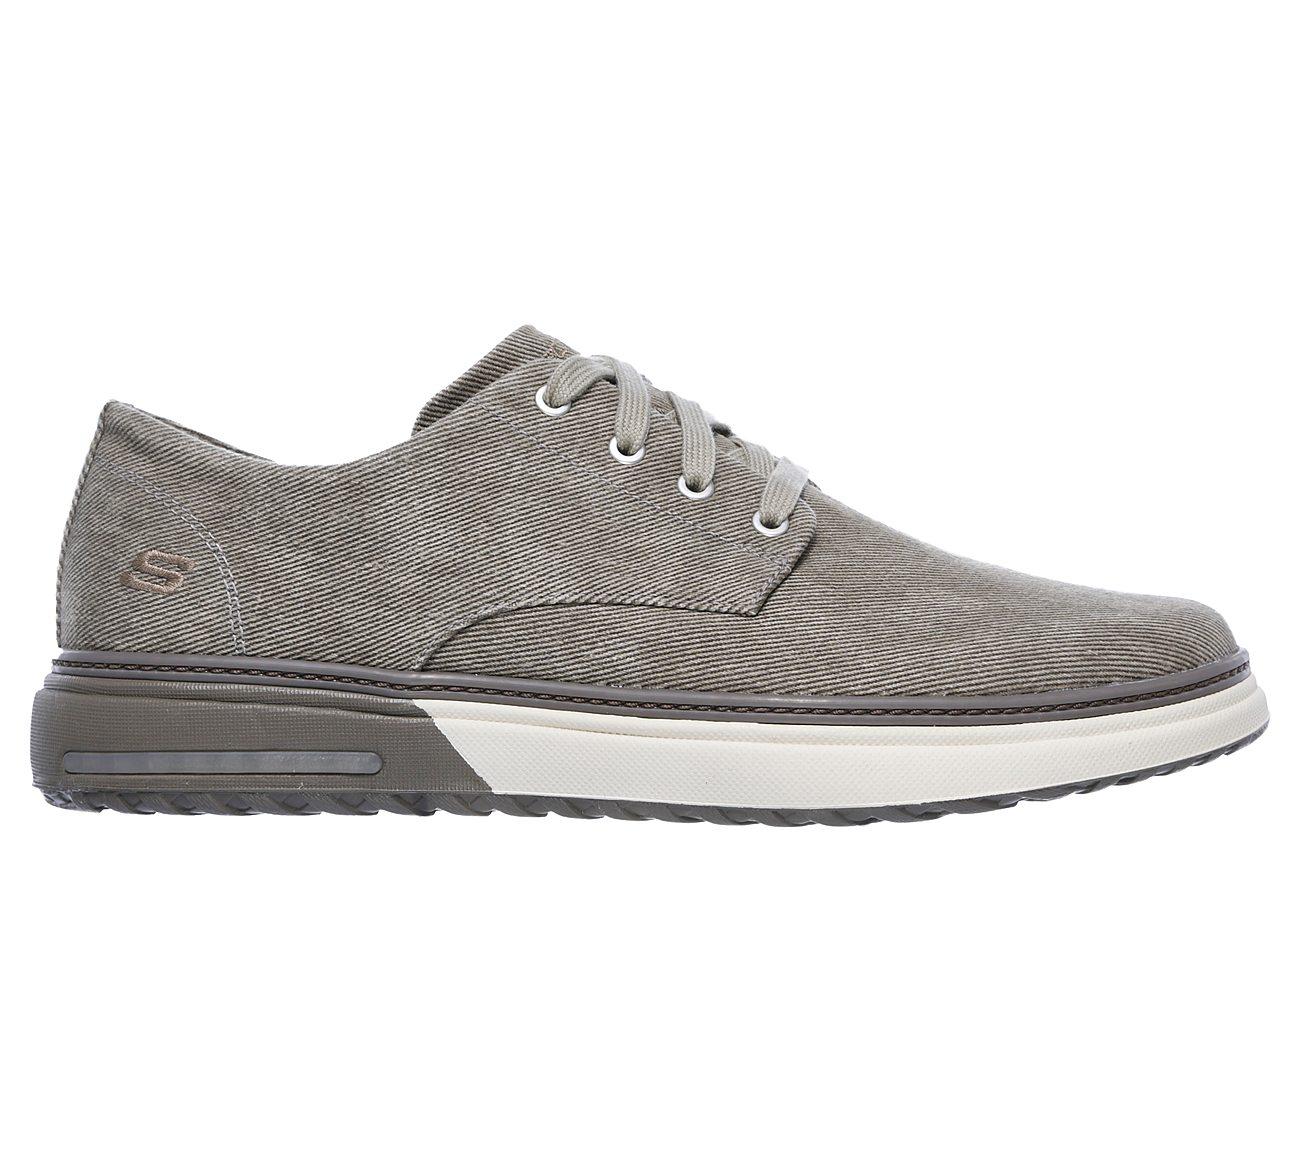 Desalentar sentido común traducir  Buy SKECHERS Folten - Brisor USA Casuals Shoes